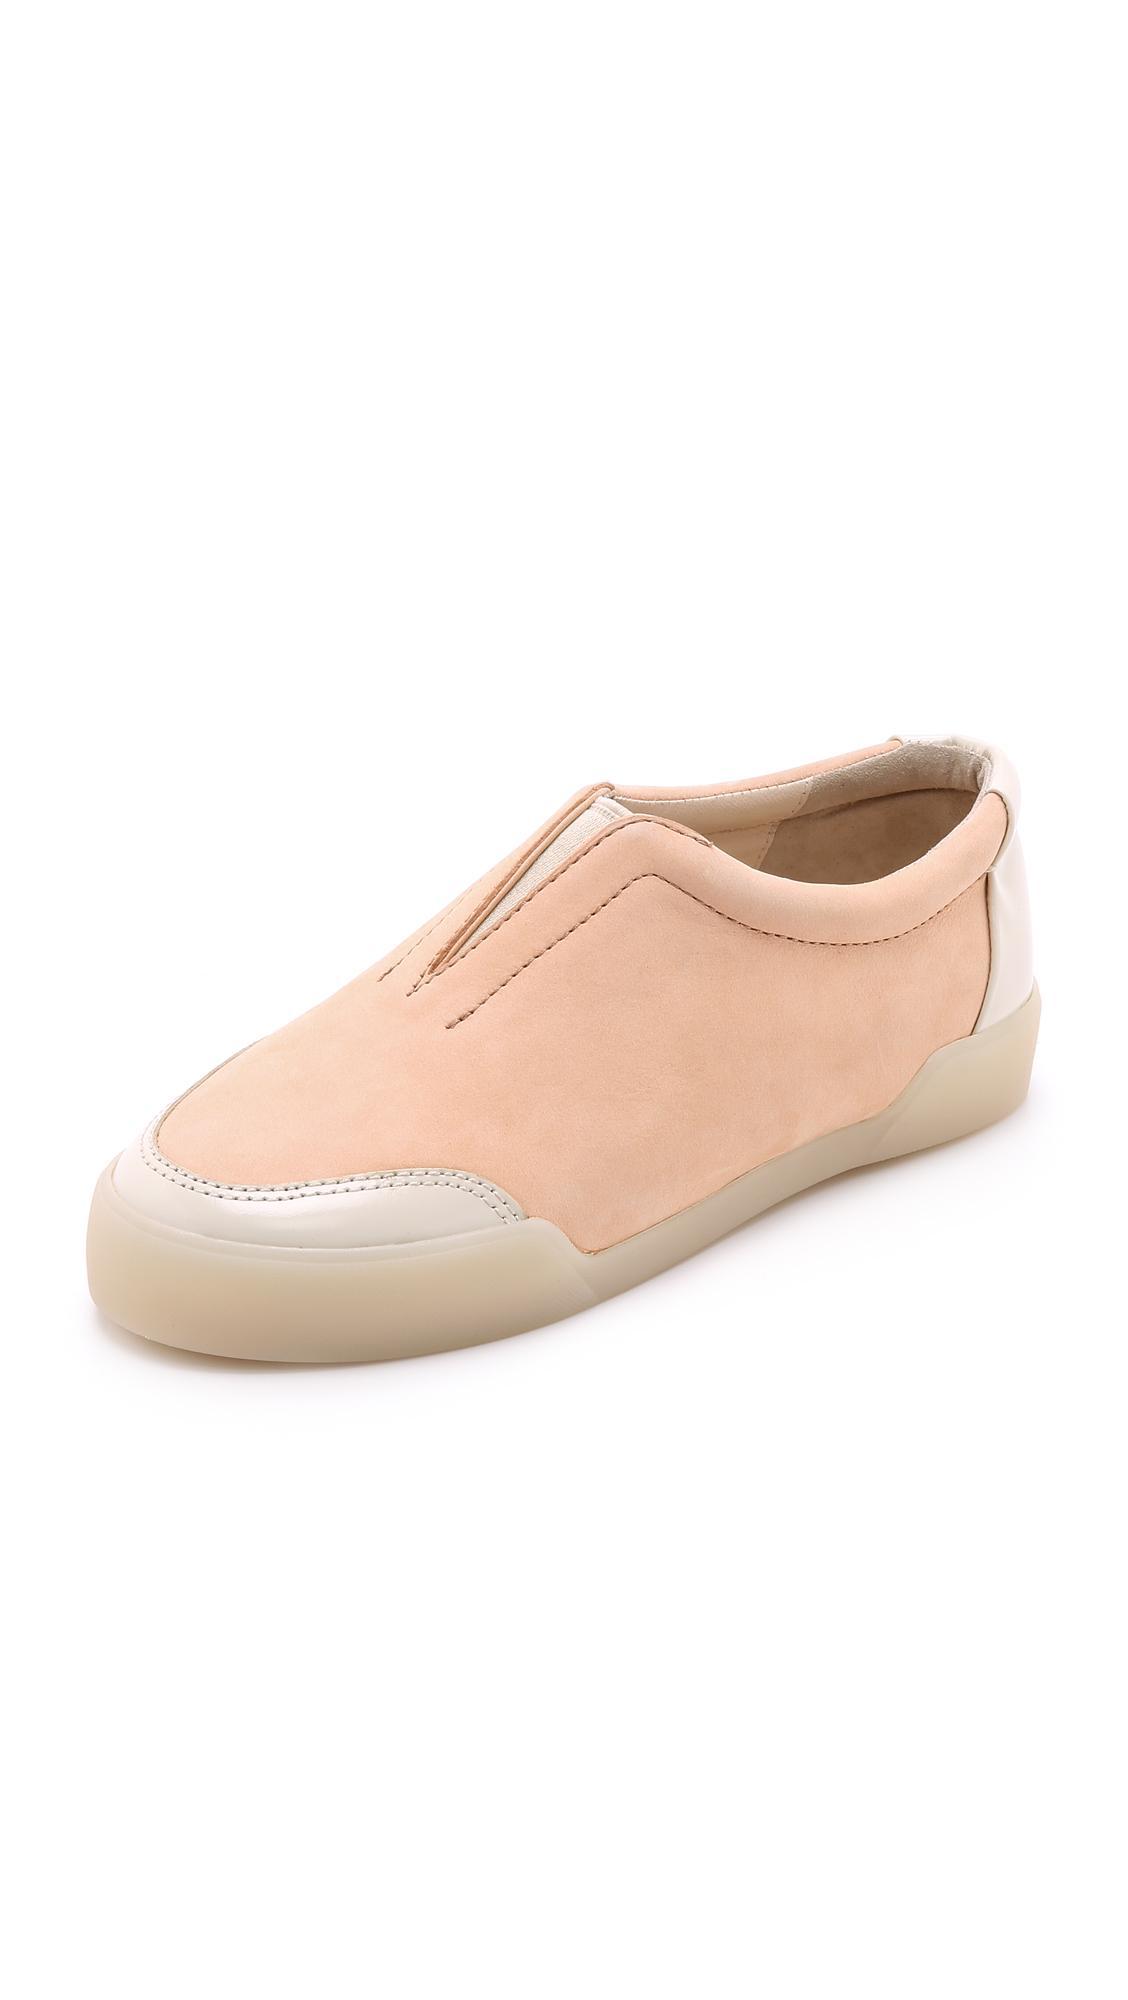 3.1 Phillip Lim Peach Low-Top Morgan Sneakers In Peach/Latte